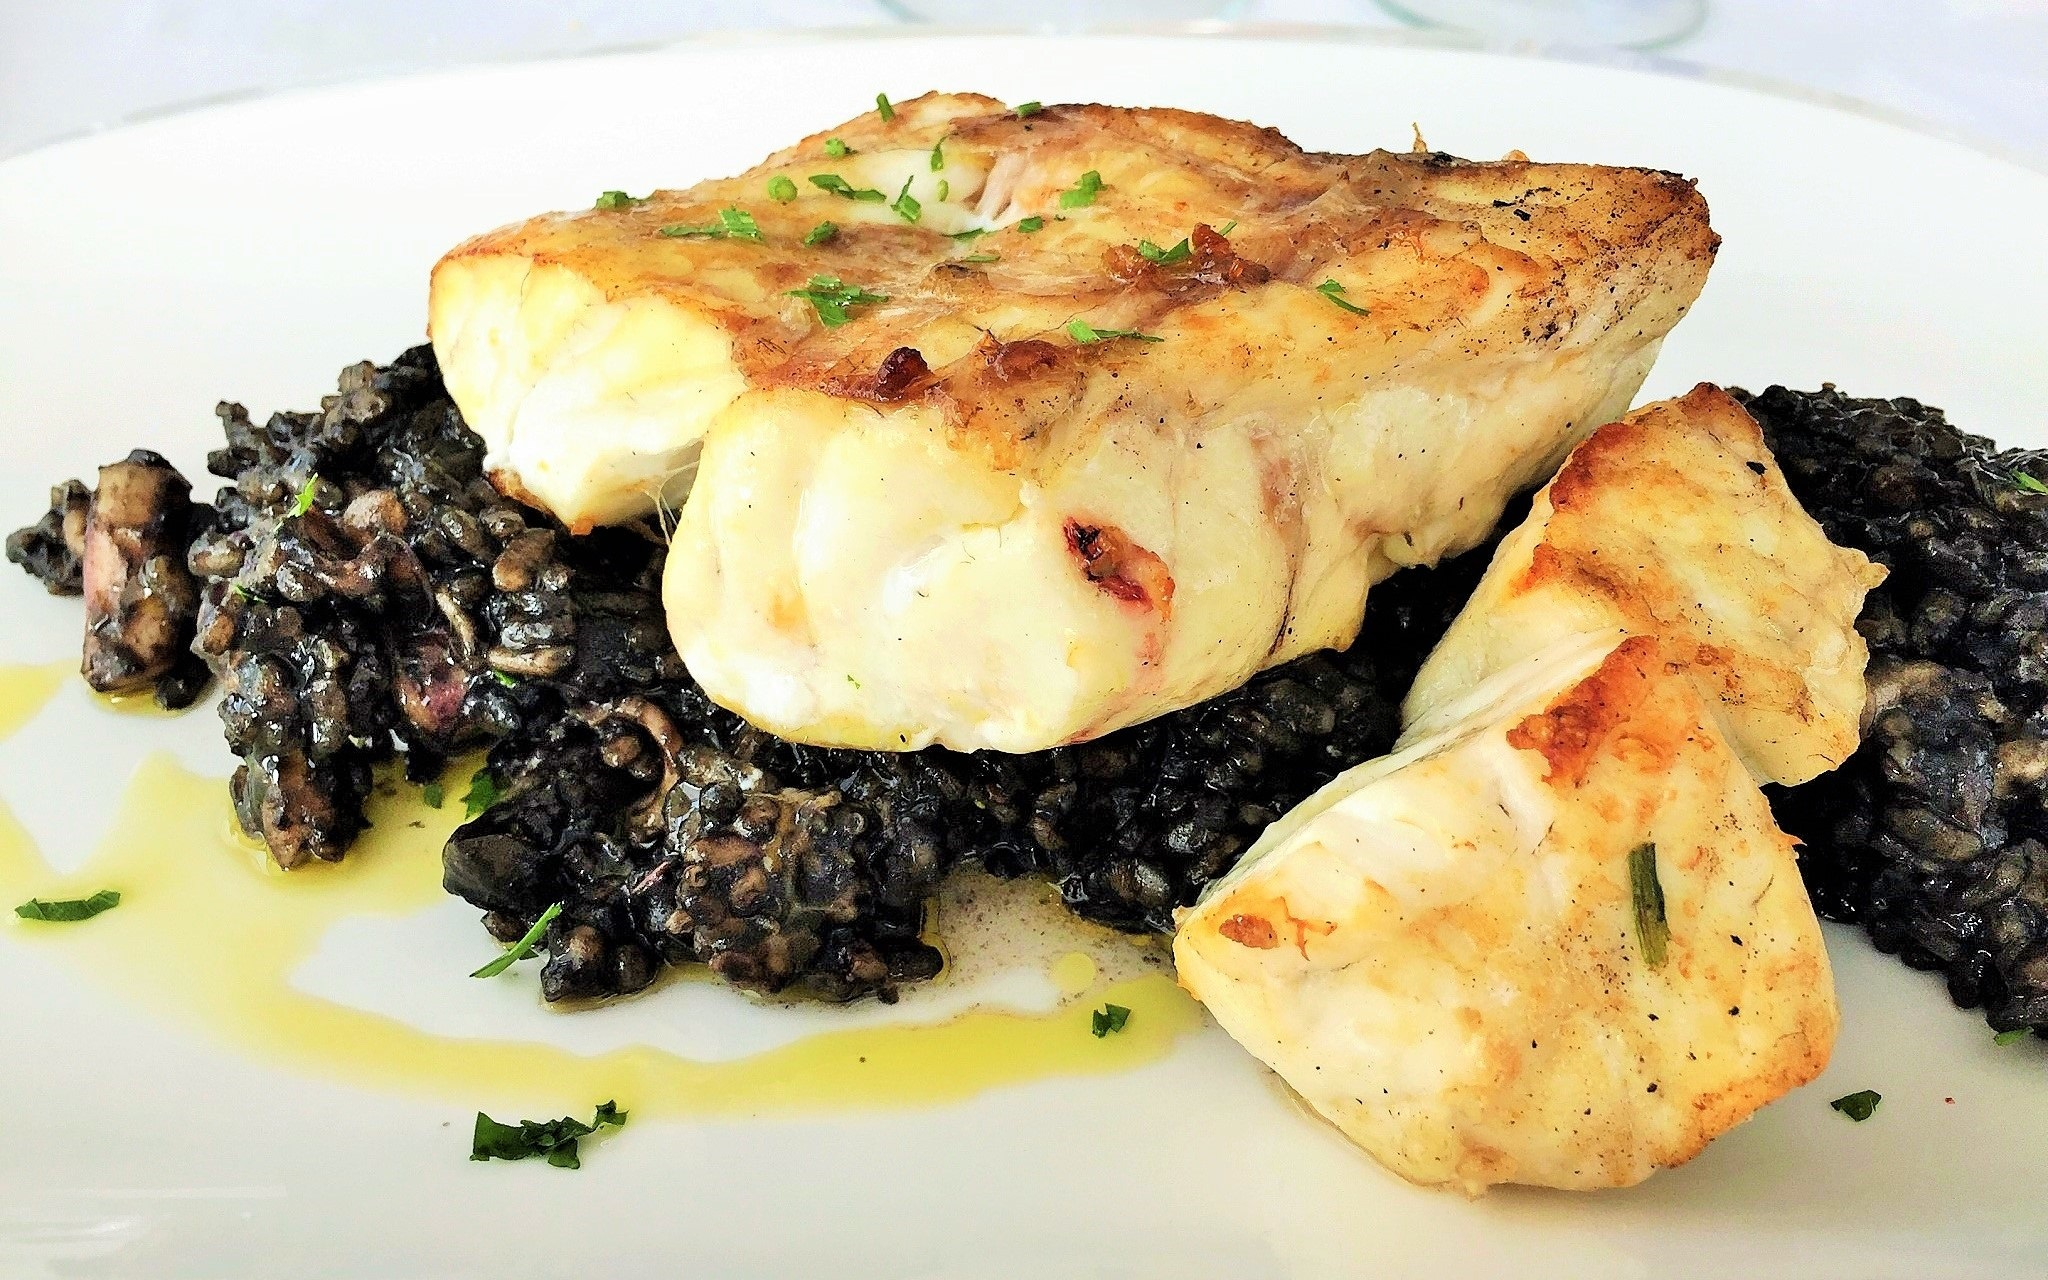 Cherne sobre arroz negro del restaurante Mirador Las Salinas